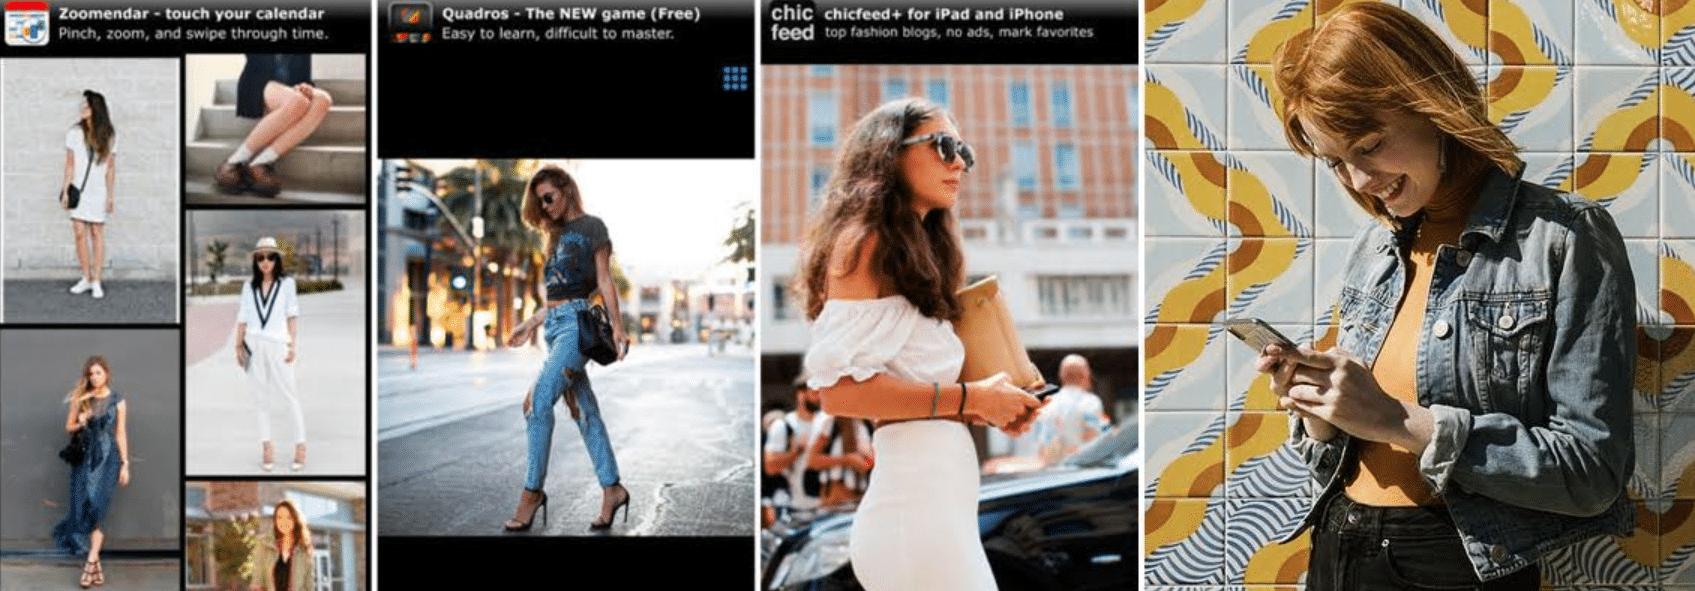 imagens do aplicativo e de pessoas usando o chicfeed